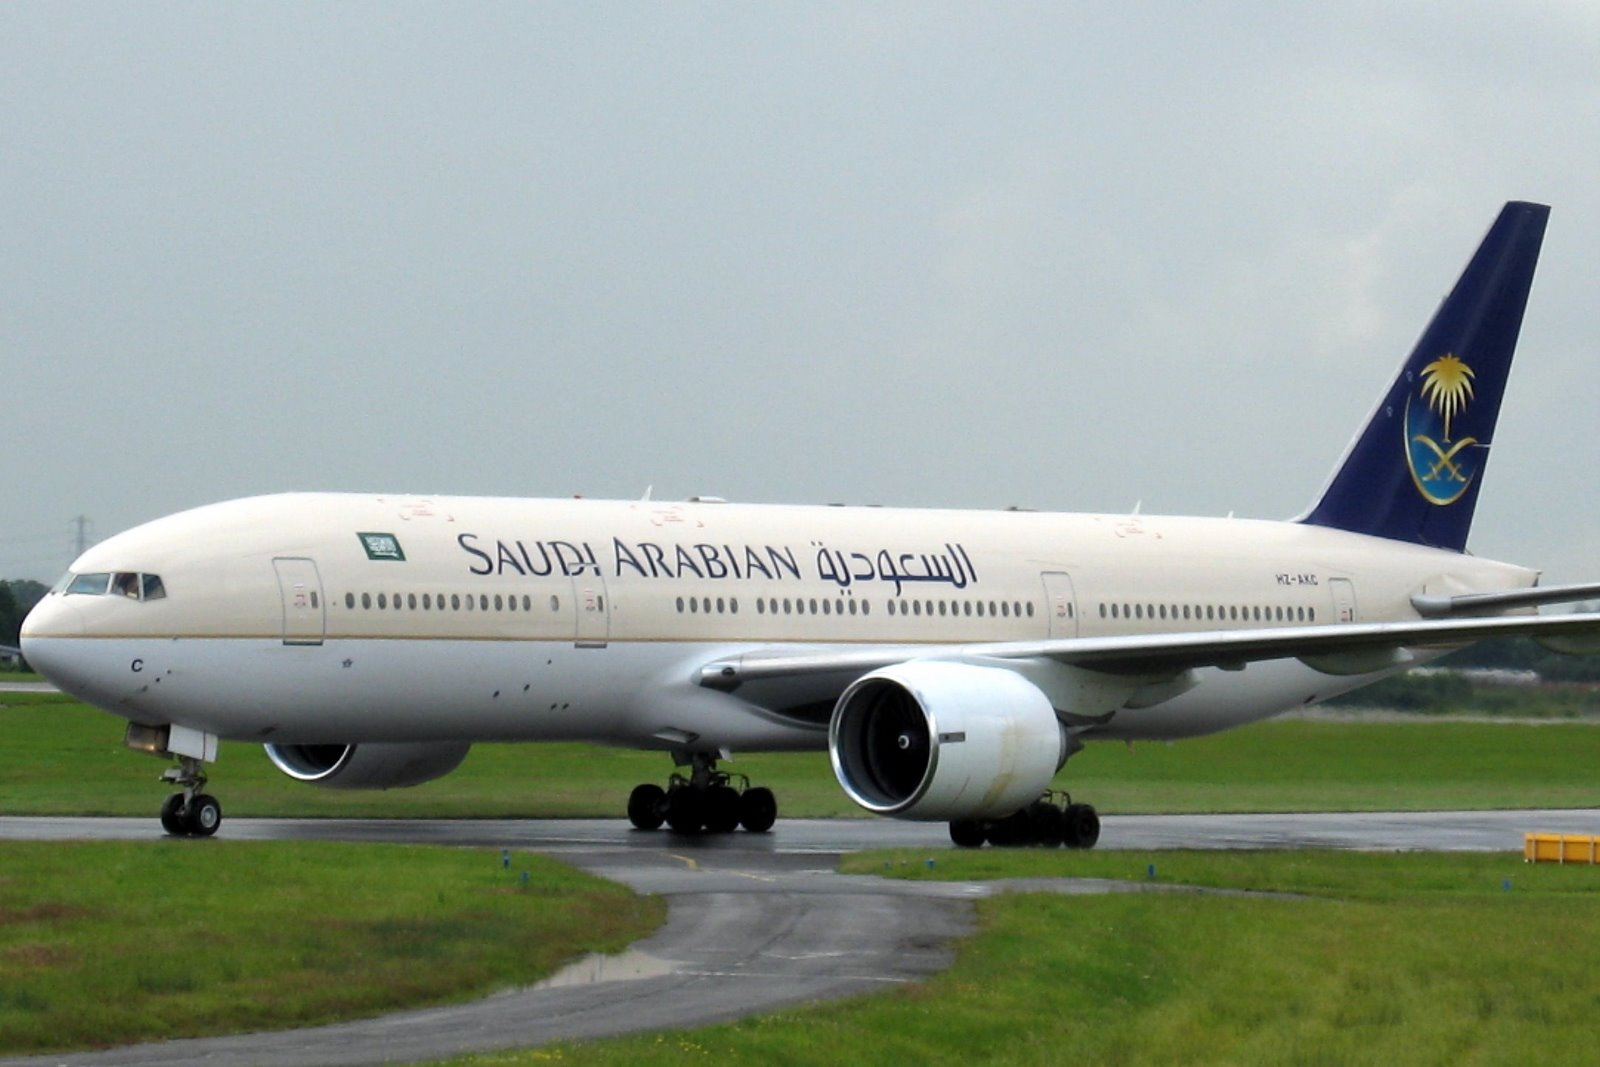 السماح للمرأة السعودية بقيادة الطائرات